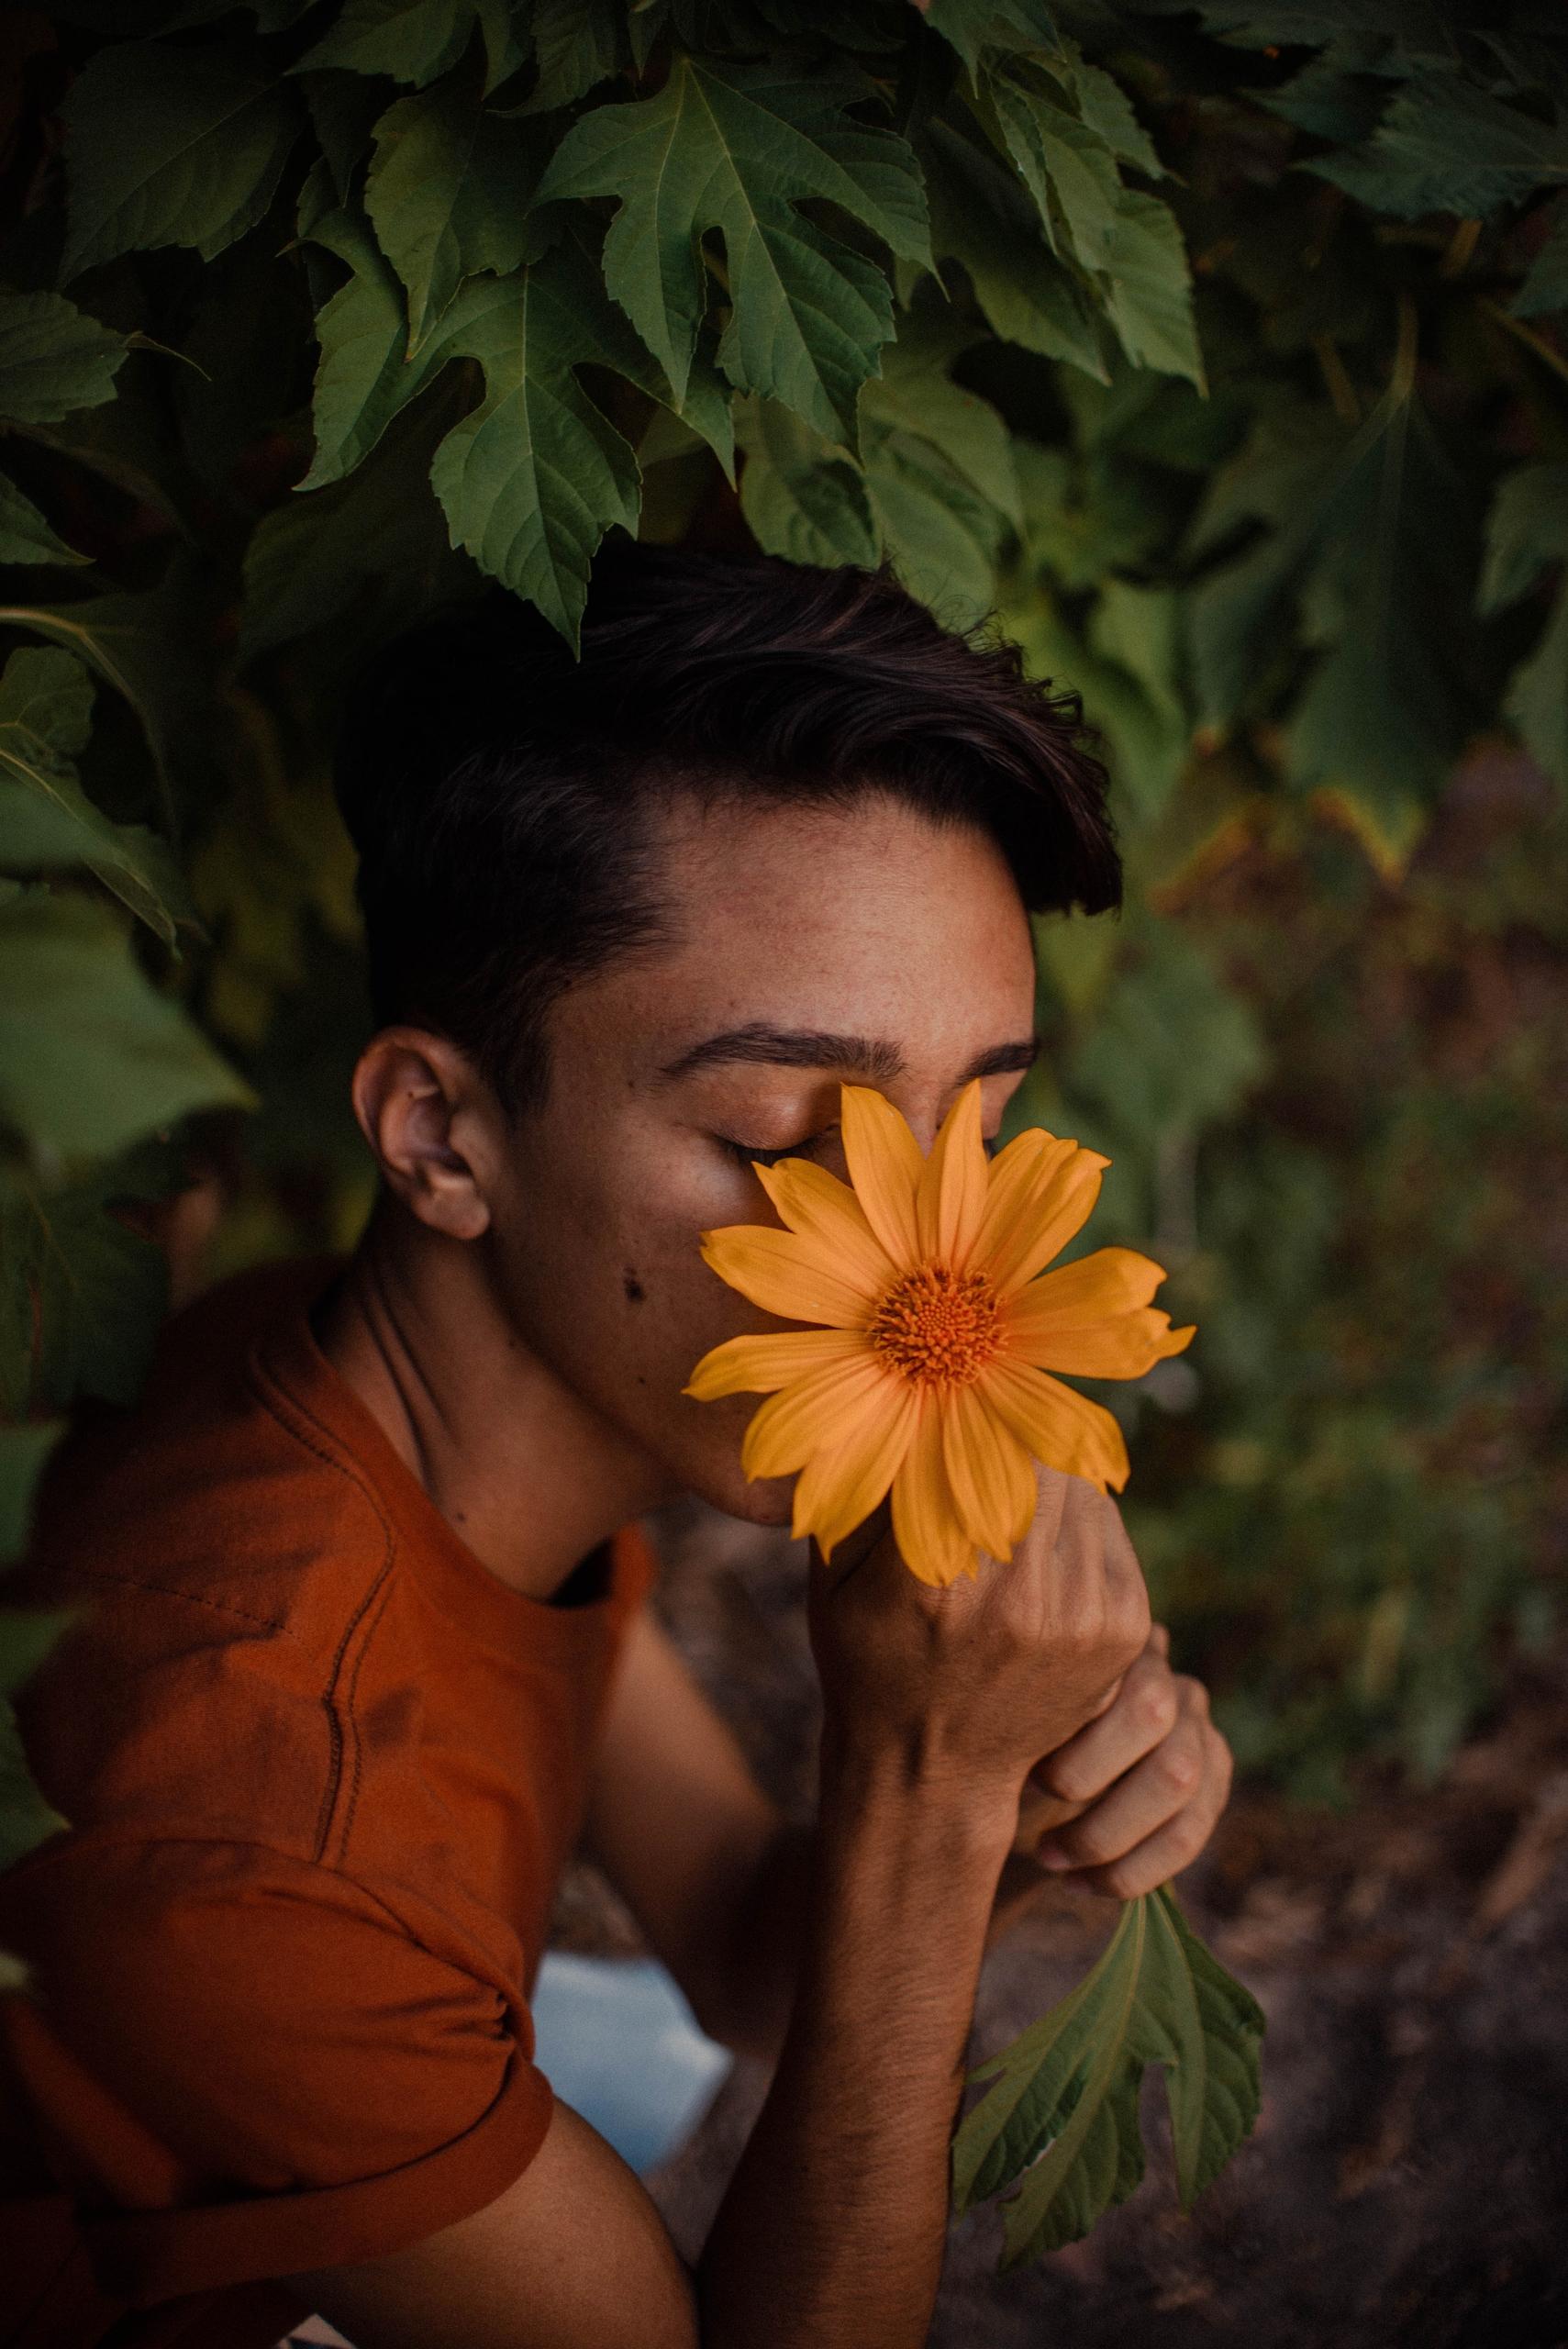 guy - photography, photos, ello - italo_   ello